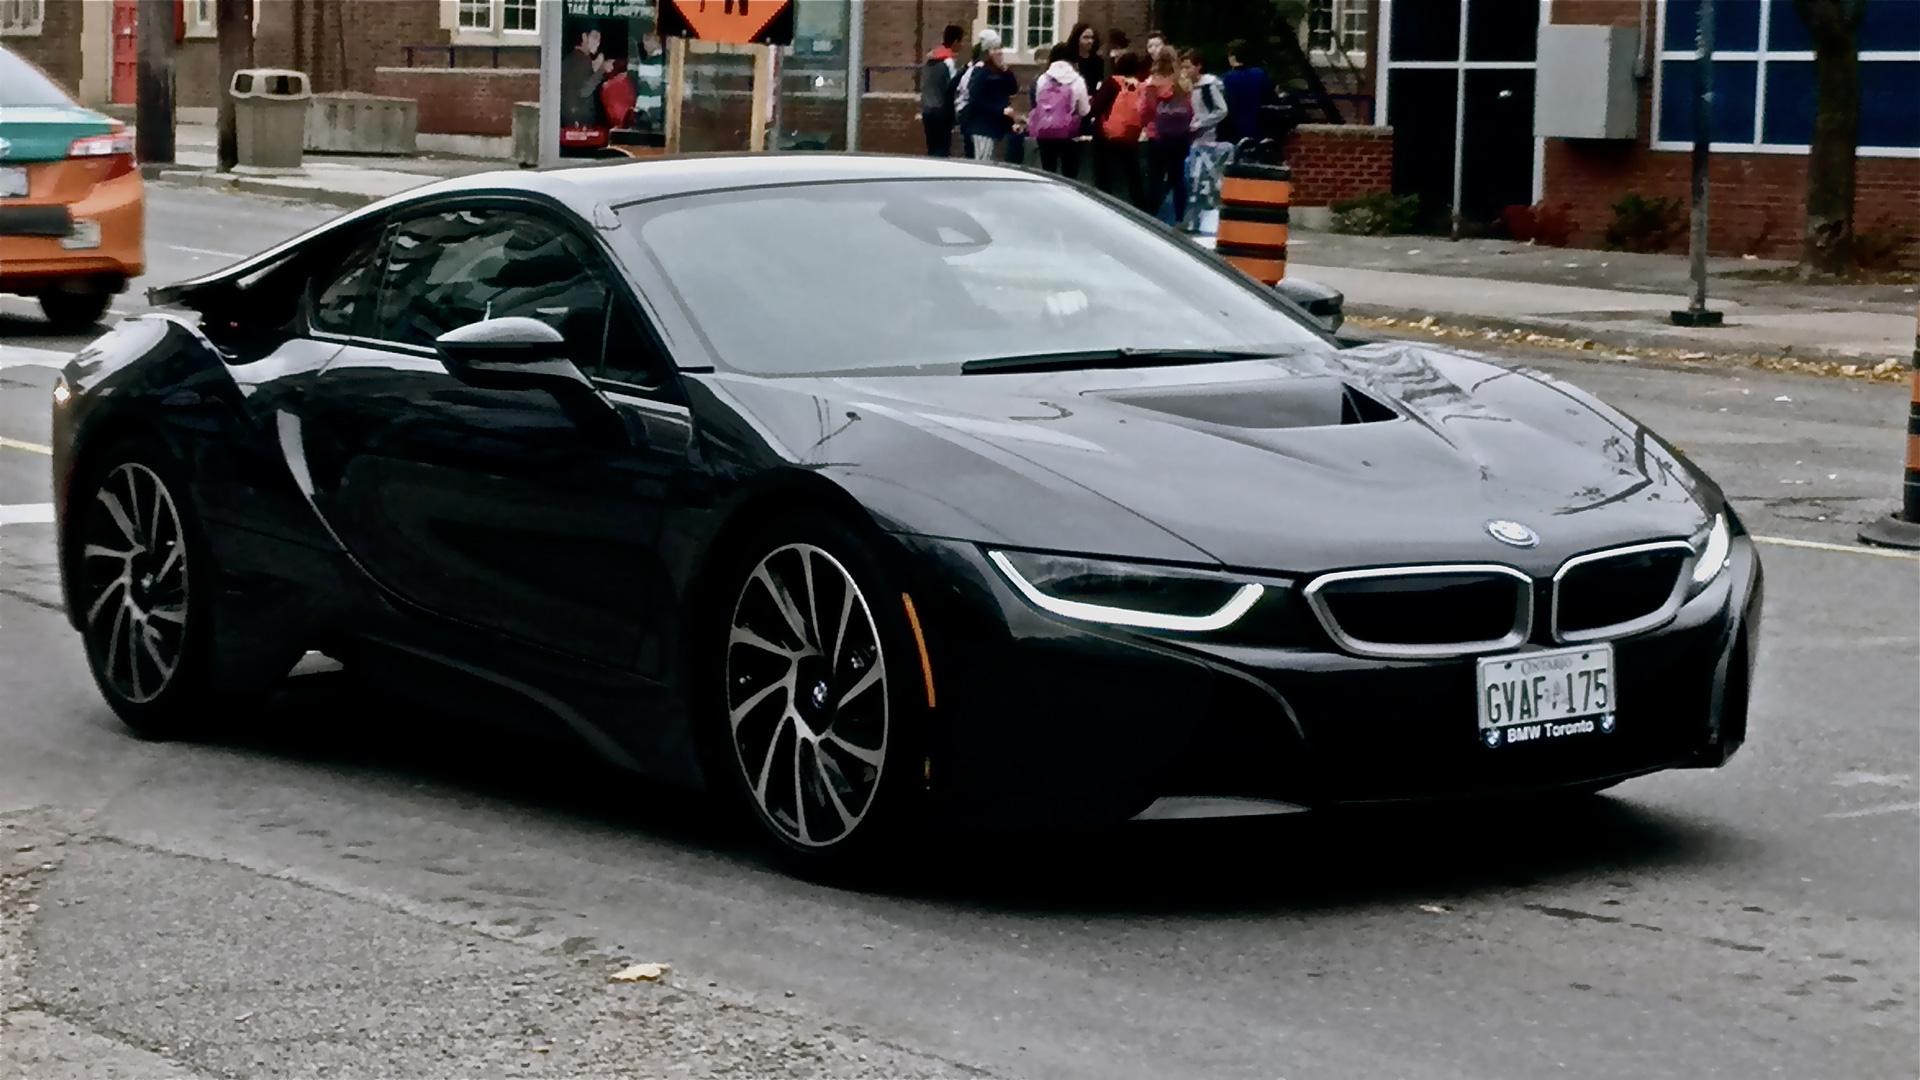 Gracias-a-la-tecnología,-BMW-atrapa-a-un-ladrón-encerrado-en-el-coche-que-había-robado1920